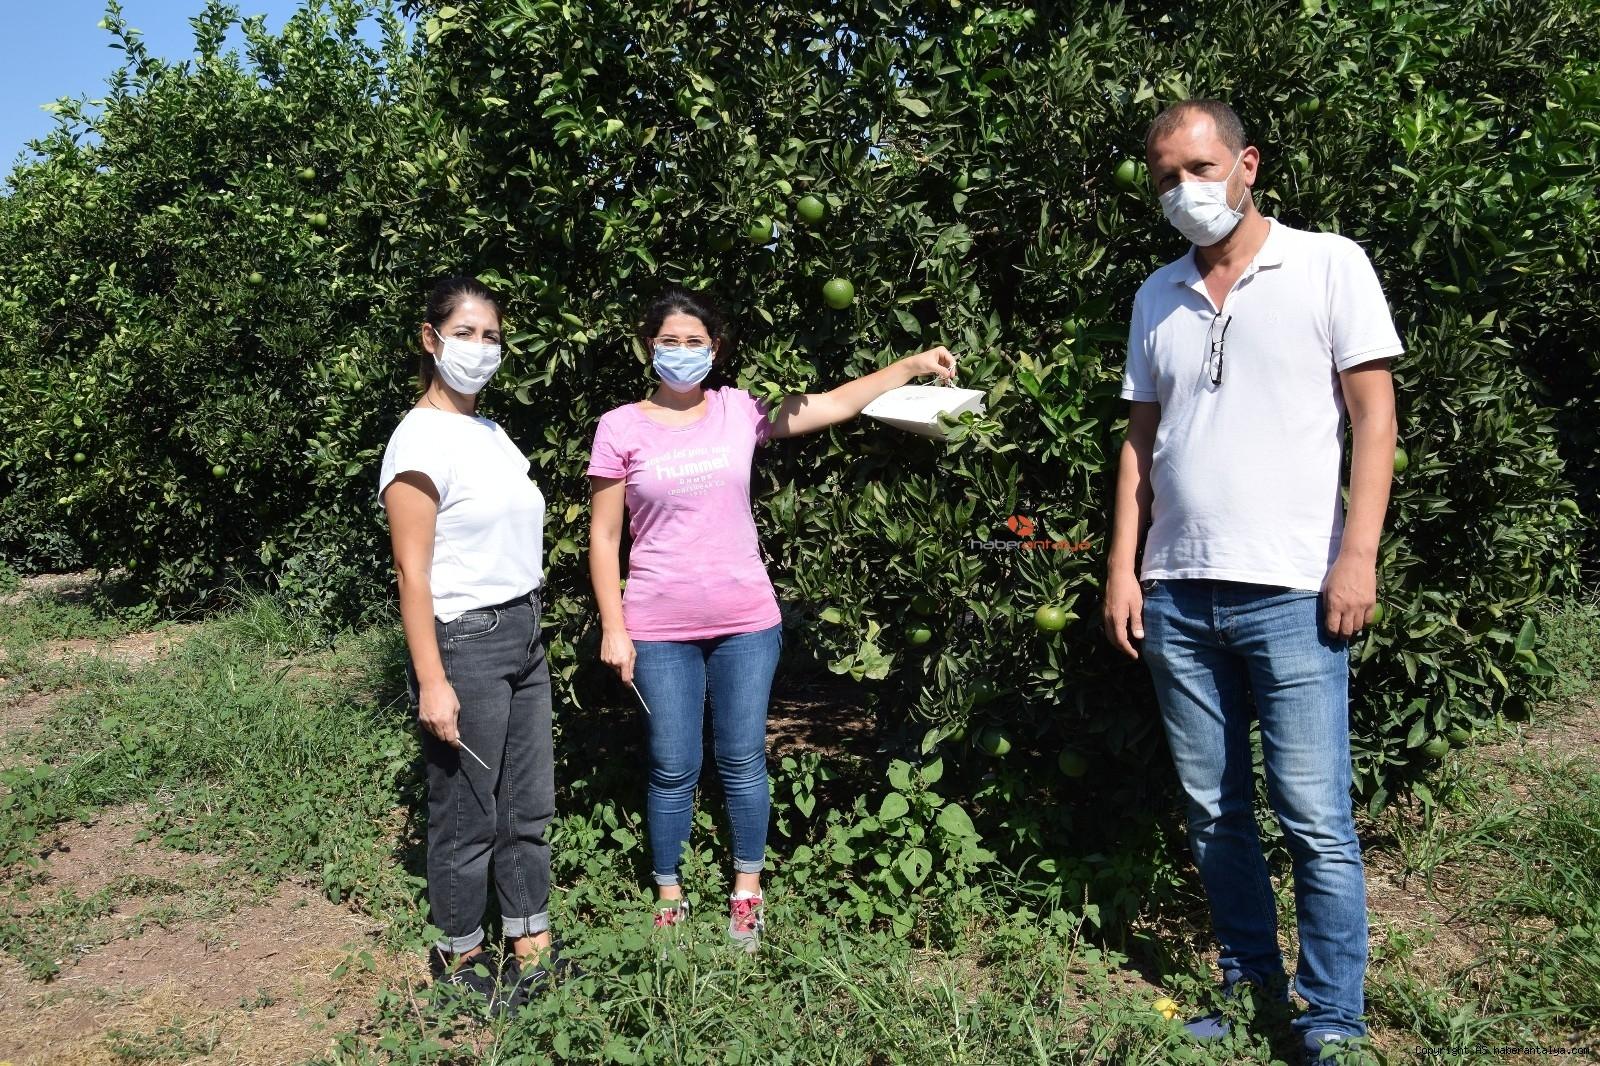 2021/09/akdeniz-meyve-sineginin-vurdugu-portakallar-denetim-altinda--20210914AW41-7.jpg